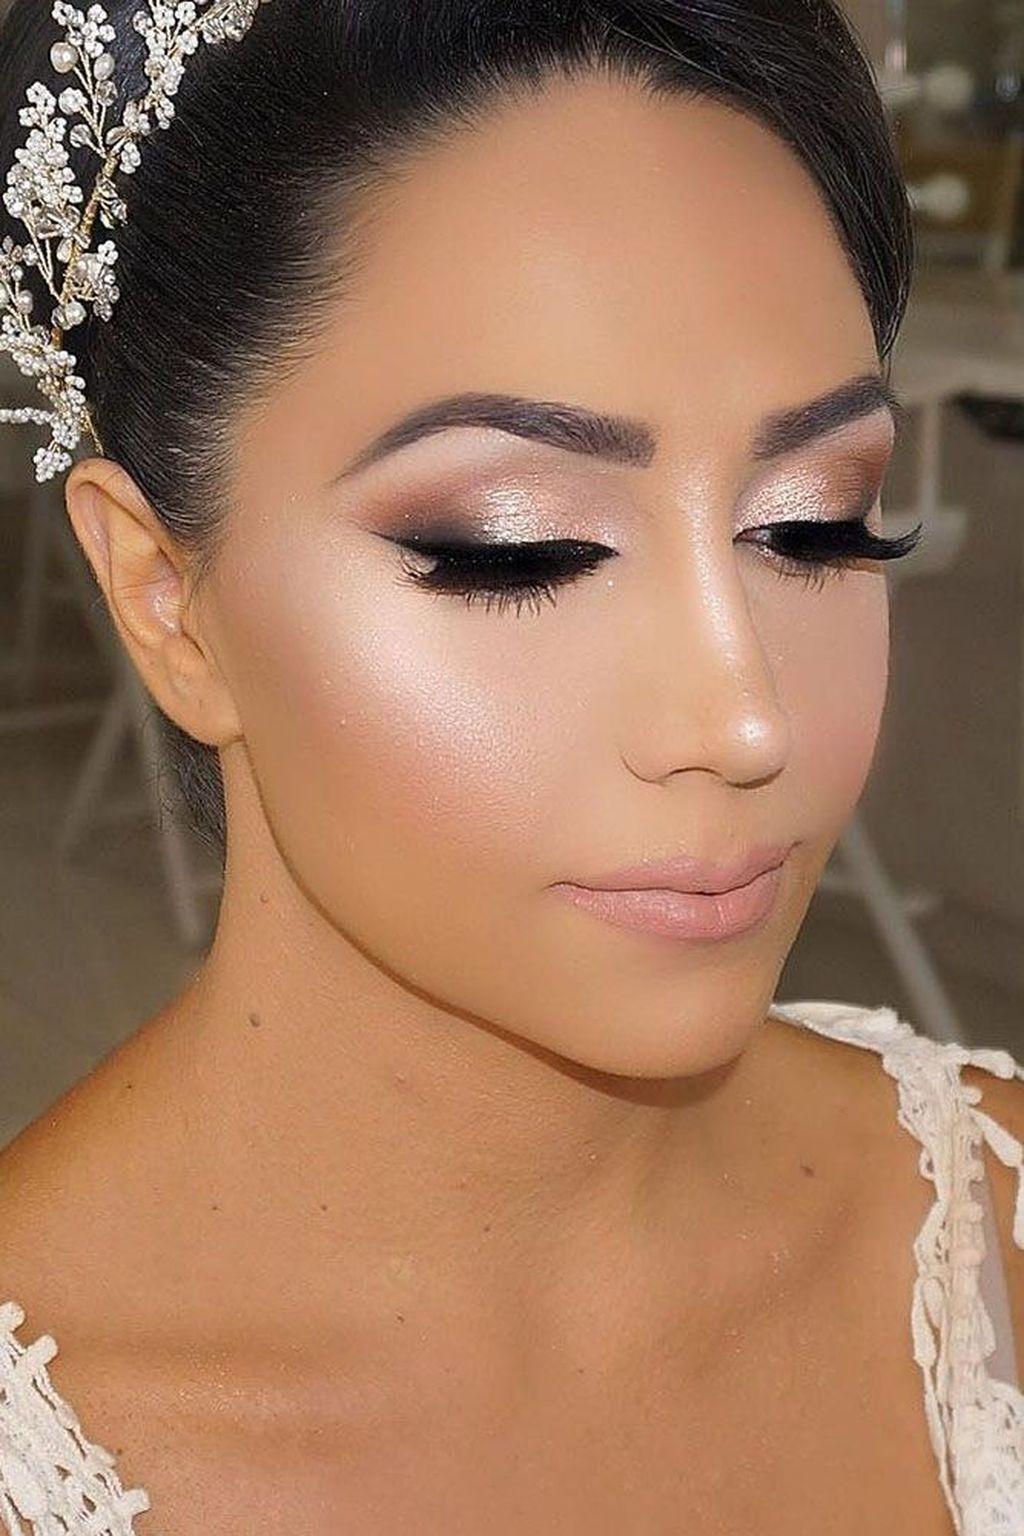 34 beauty smokey eye makeup ideas | amazing wedding makeup